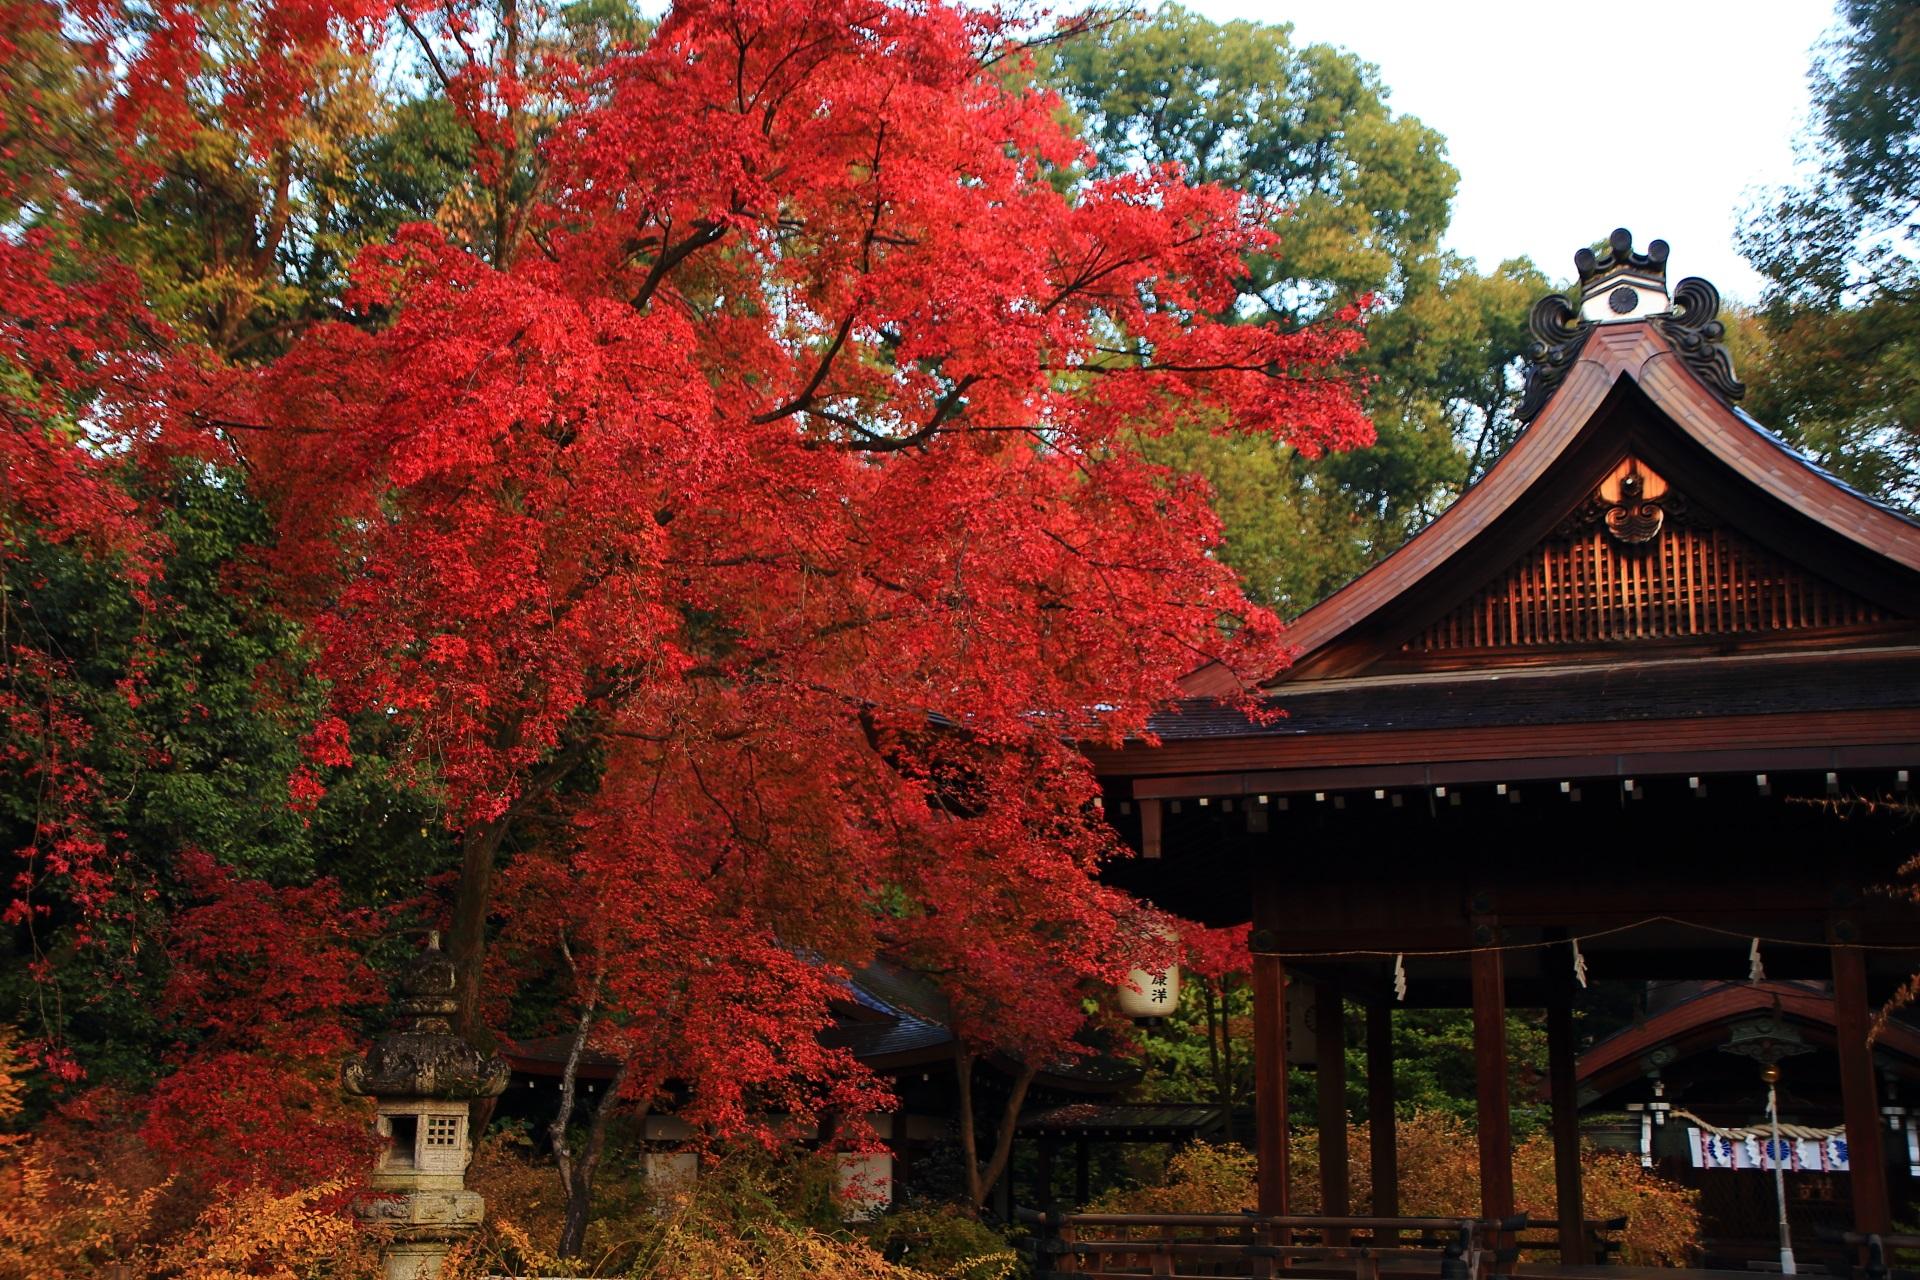 目を引くような鮮烈な色合いの溢れる圧巻の紅葉